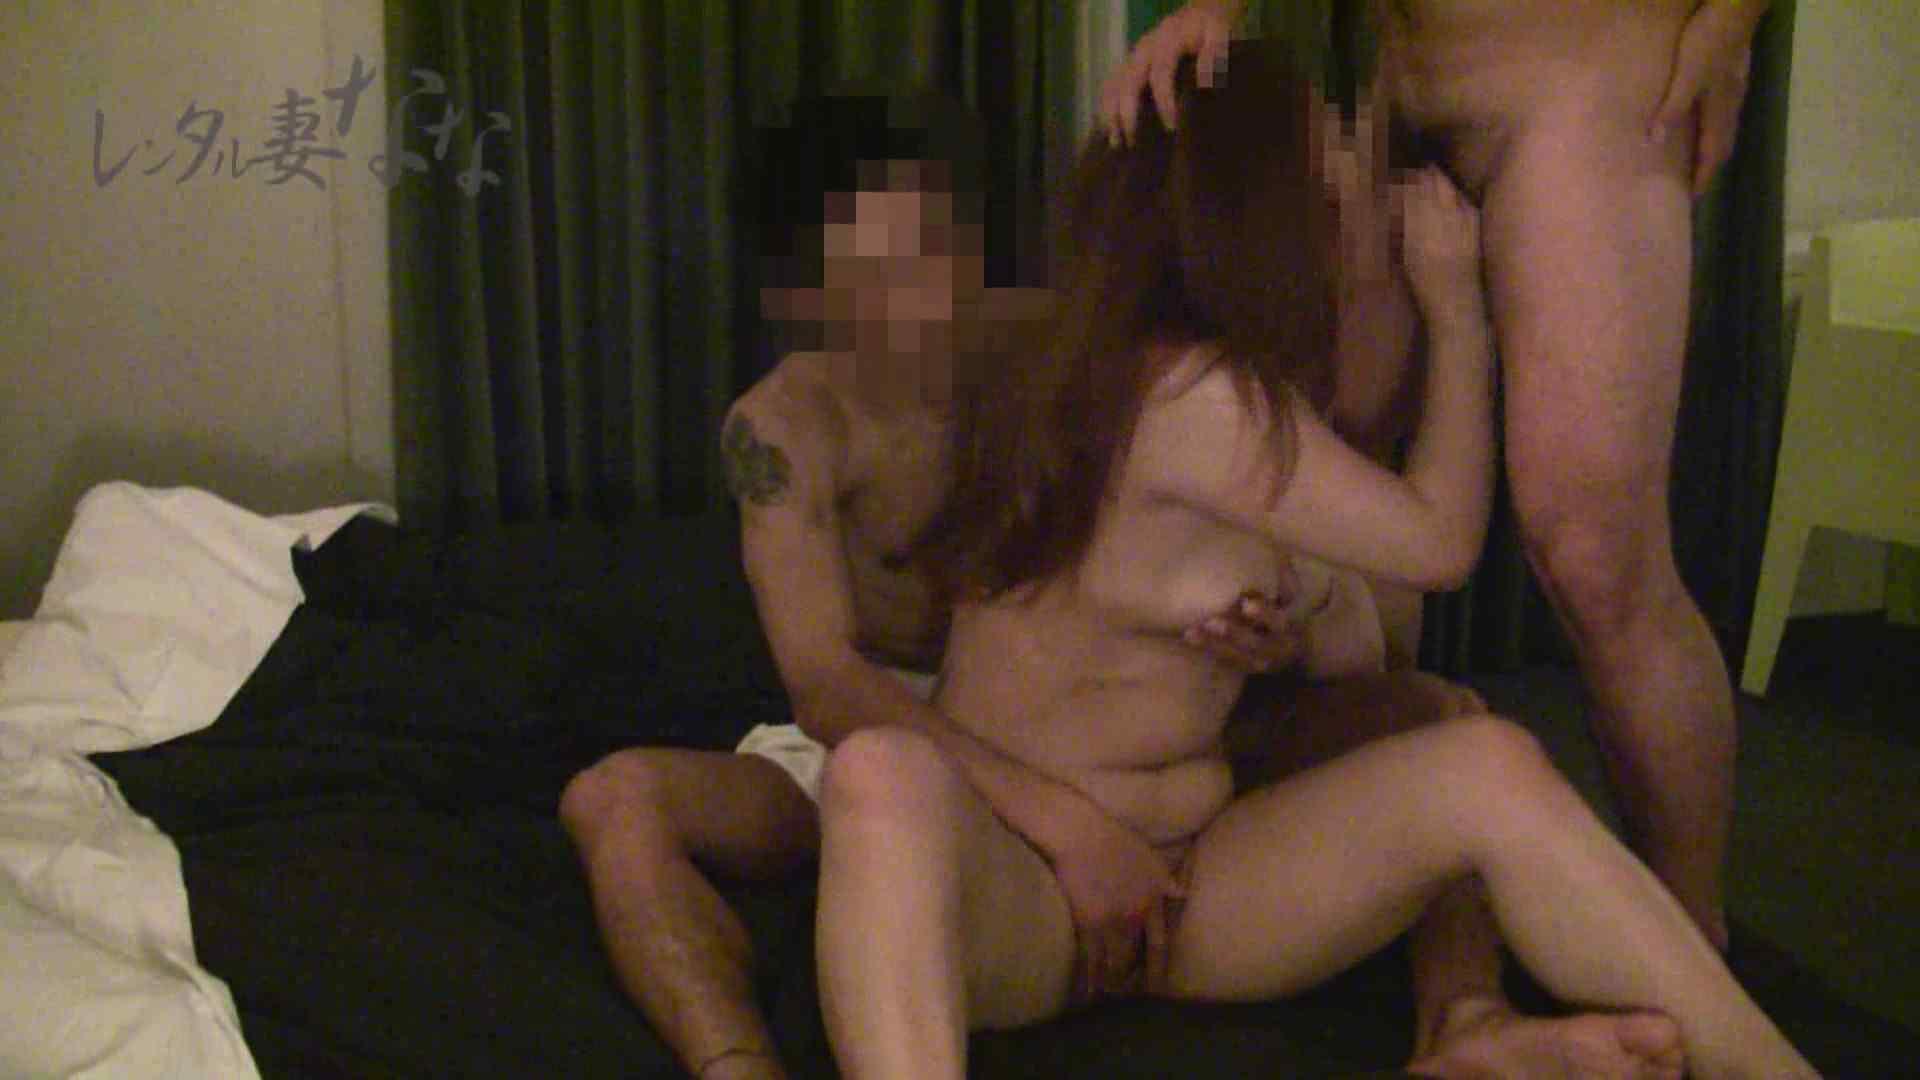 レンタル妻ななのお友達vol.2 ギャル達のセックス | OL裸体  54画像 14